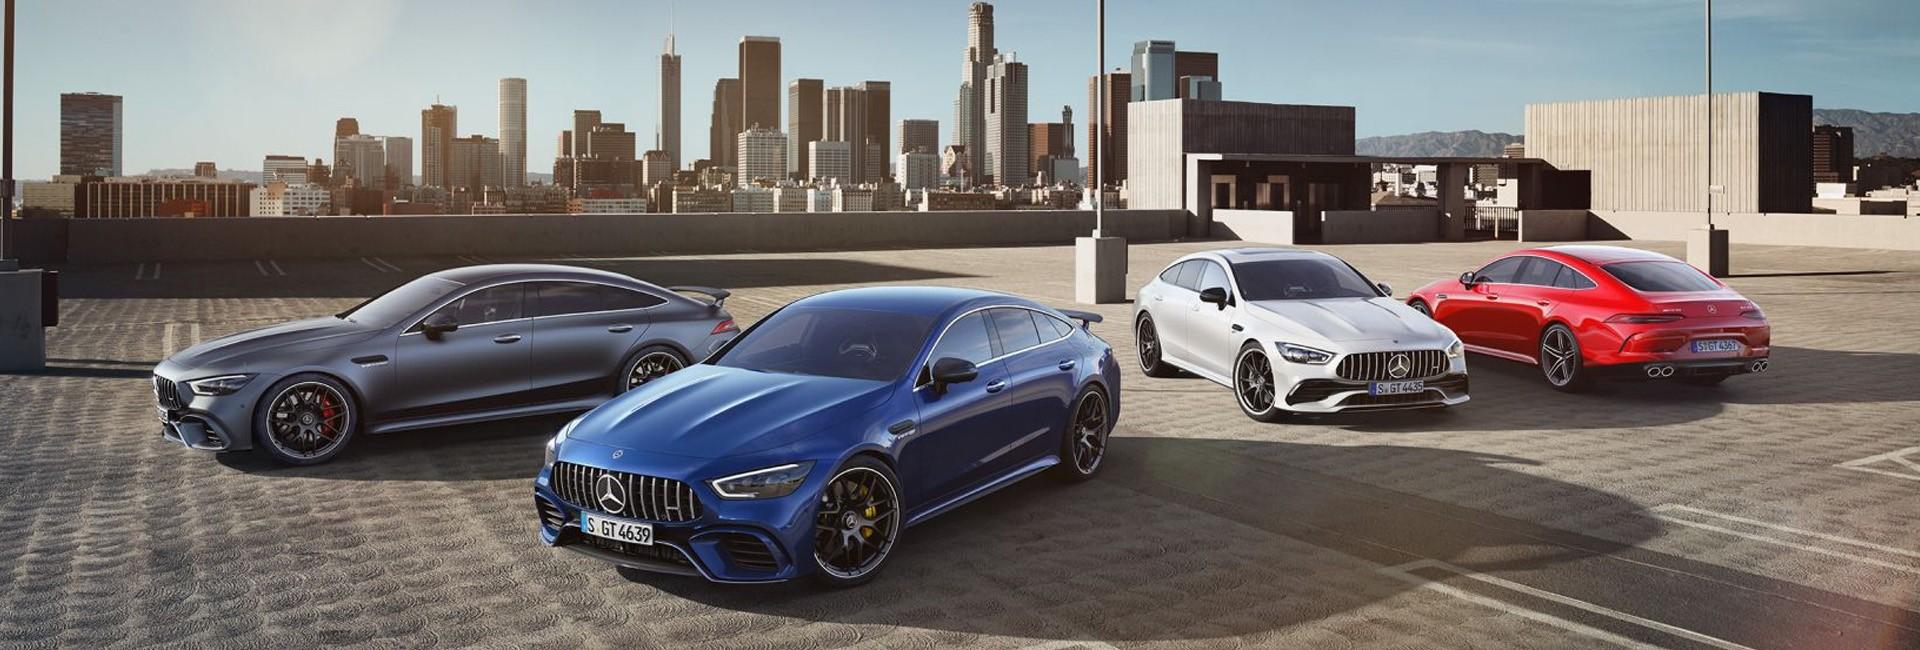 AMG GT Coupé 4 Portes